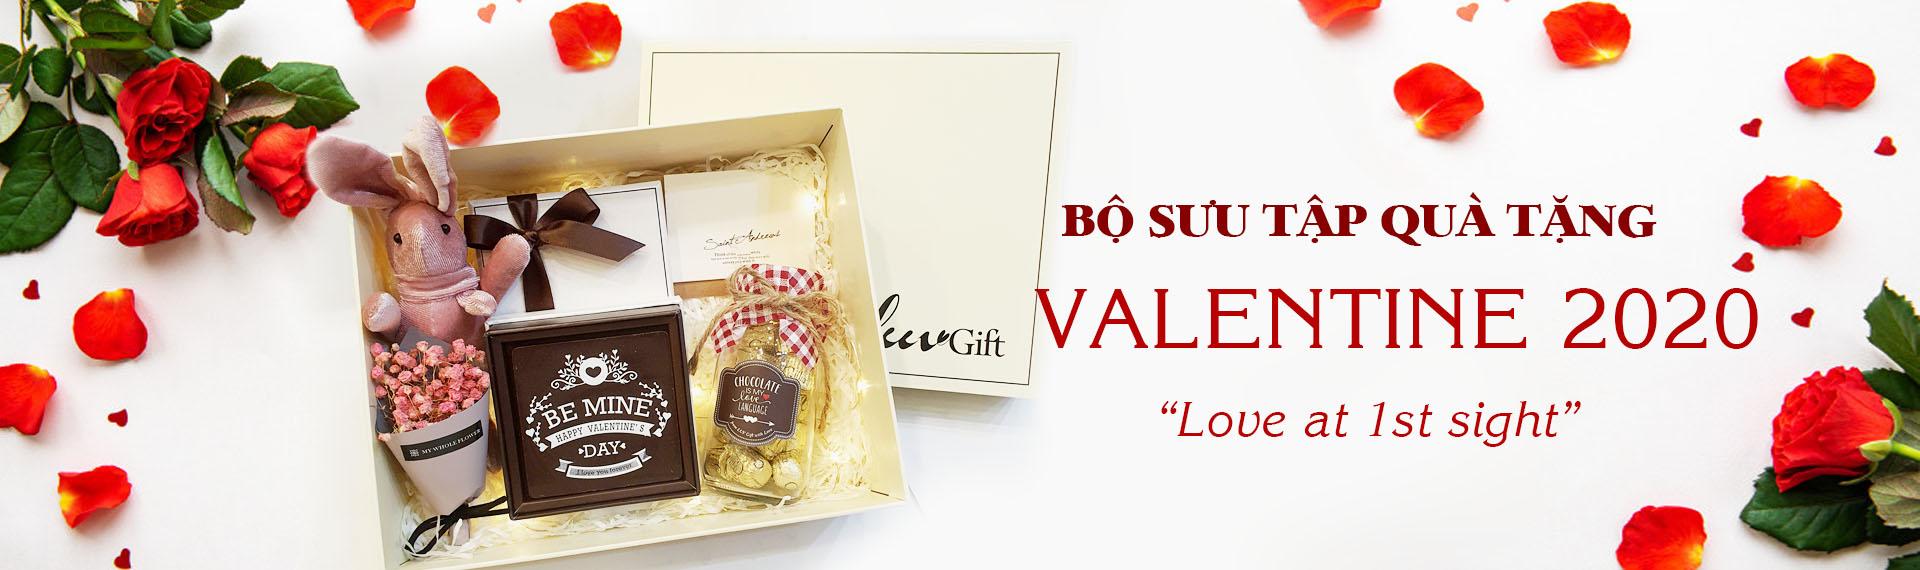 Bộ sưu tập quà Valentine 2020